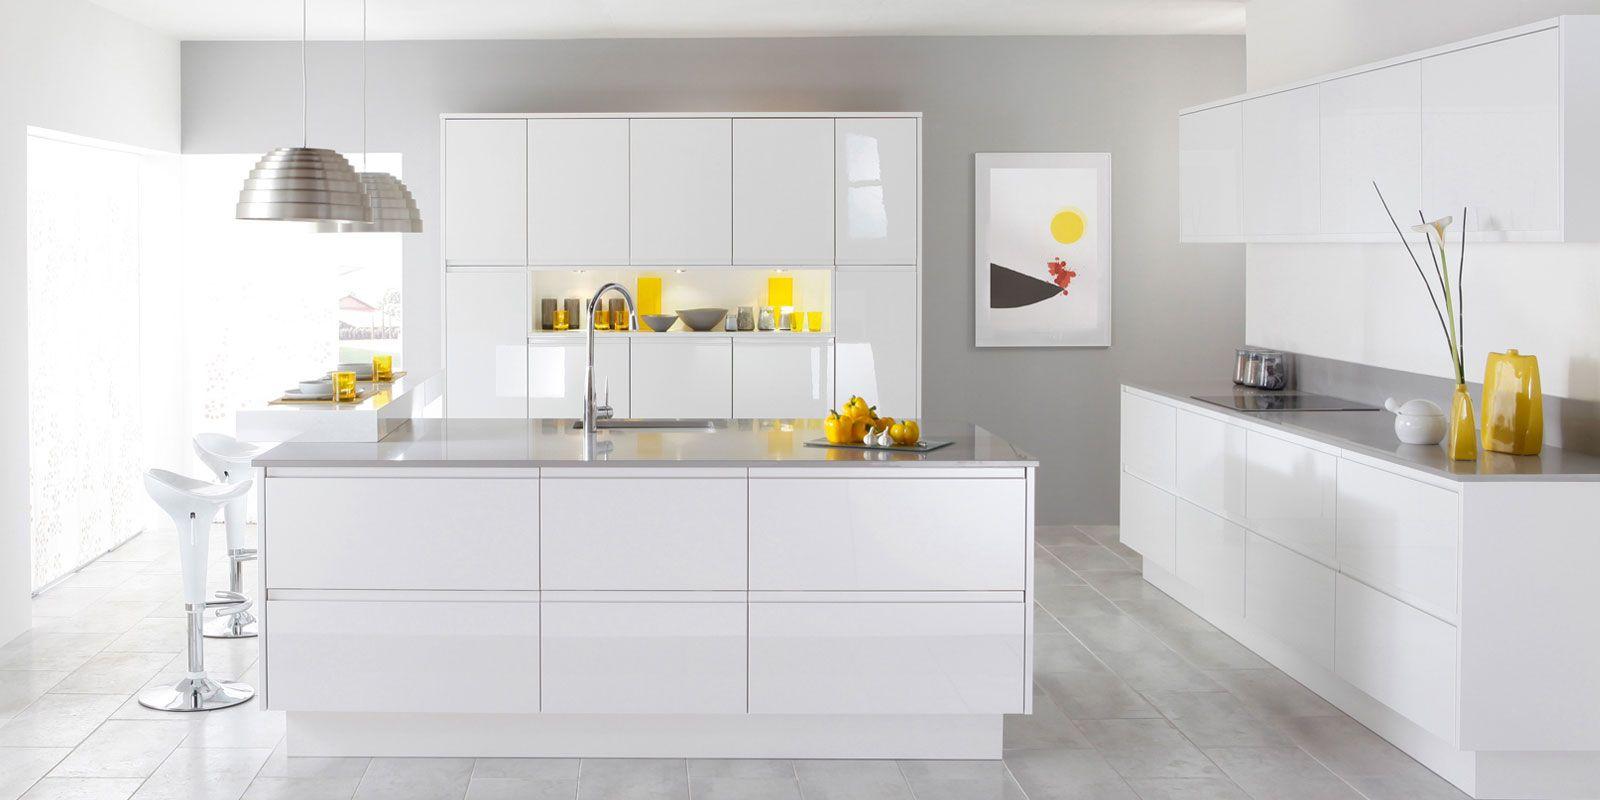 Best Modular Kitchen In Nagpur Modular Kitchen In Kitchen Inspiration Designs Of Modular Kitchen Photos Inspiration